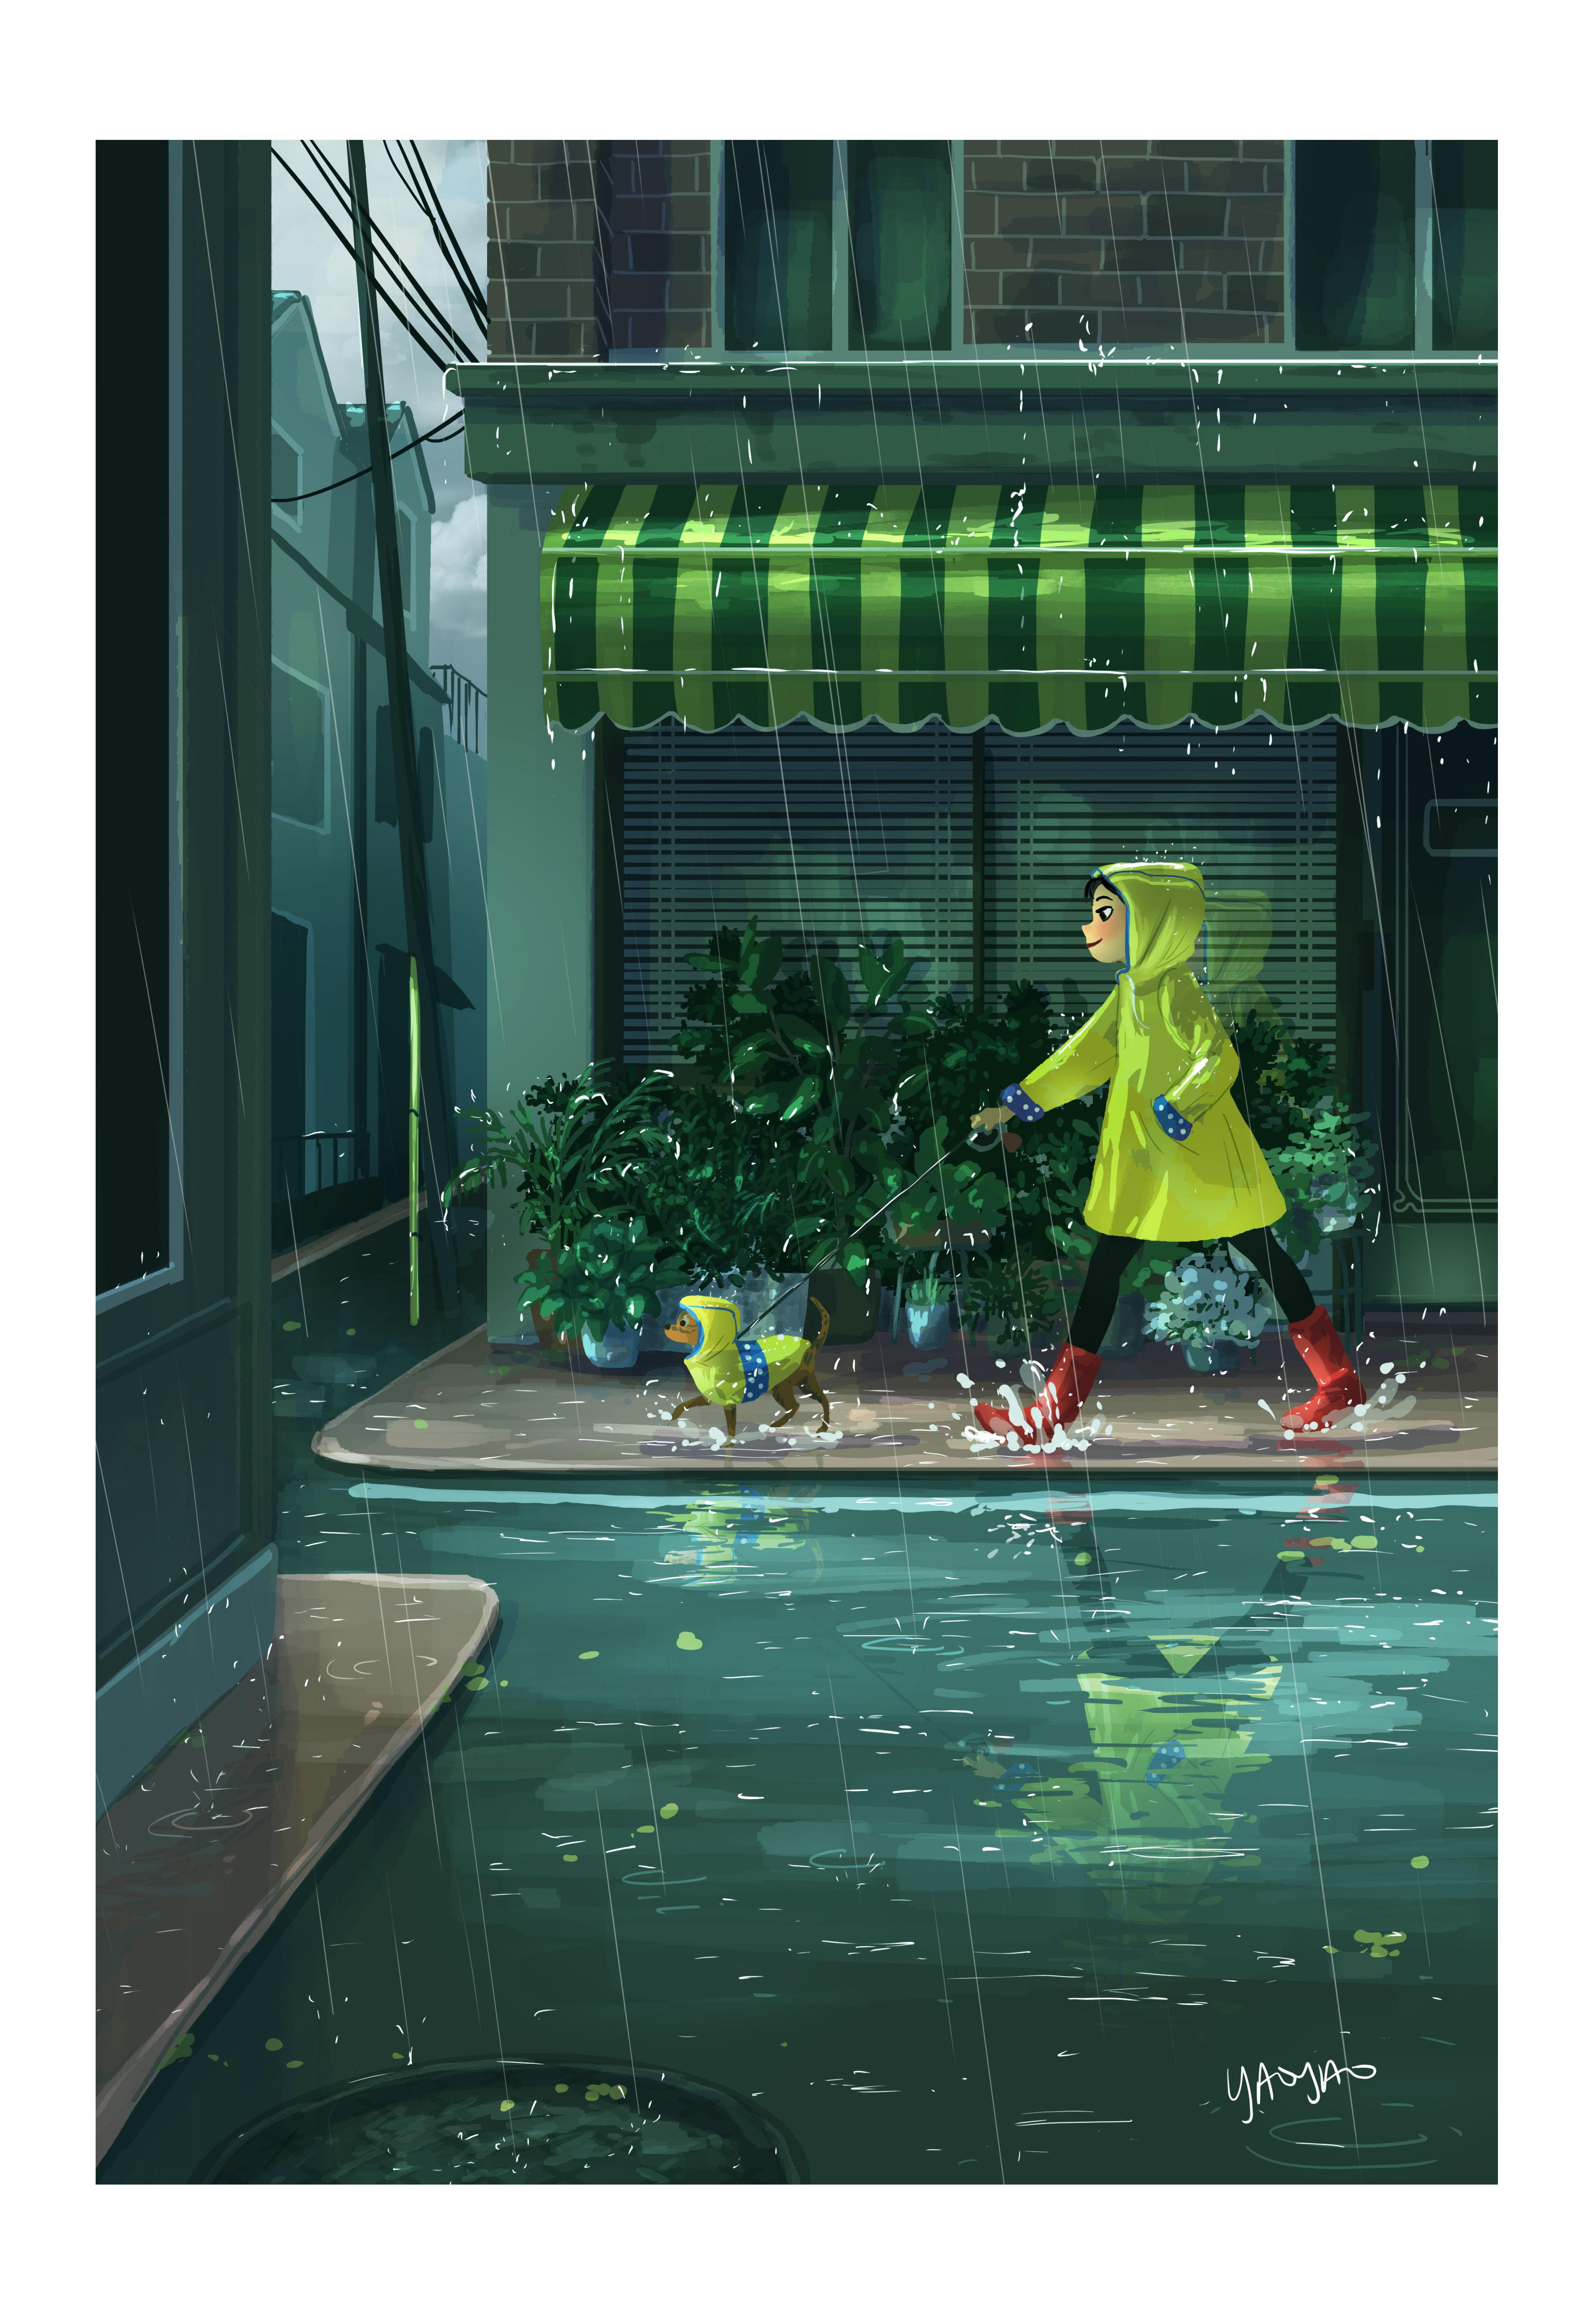 Rain Or Shine- Rain